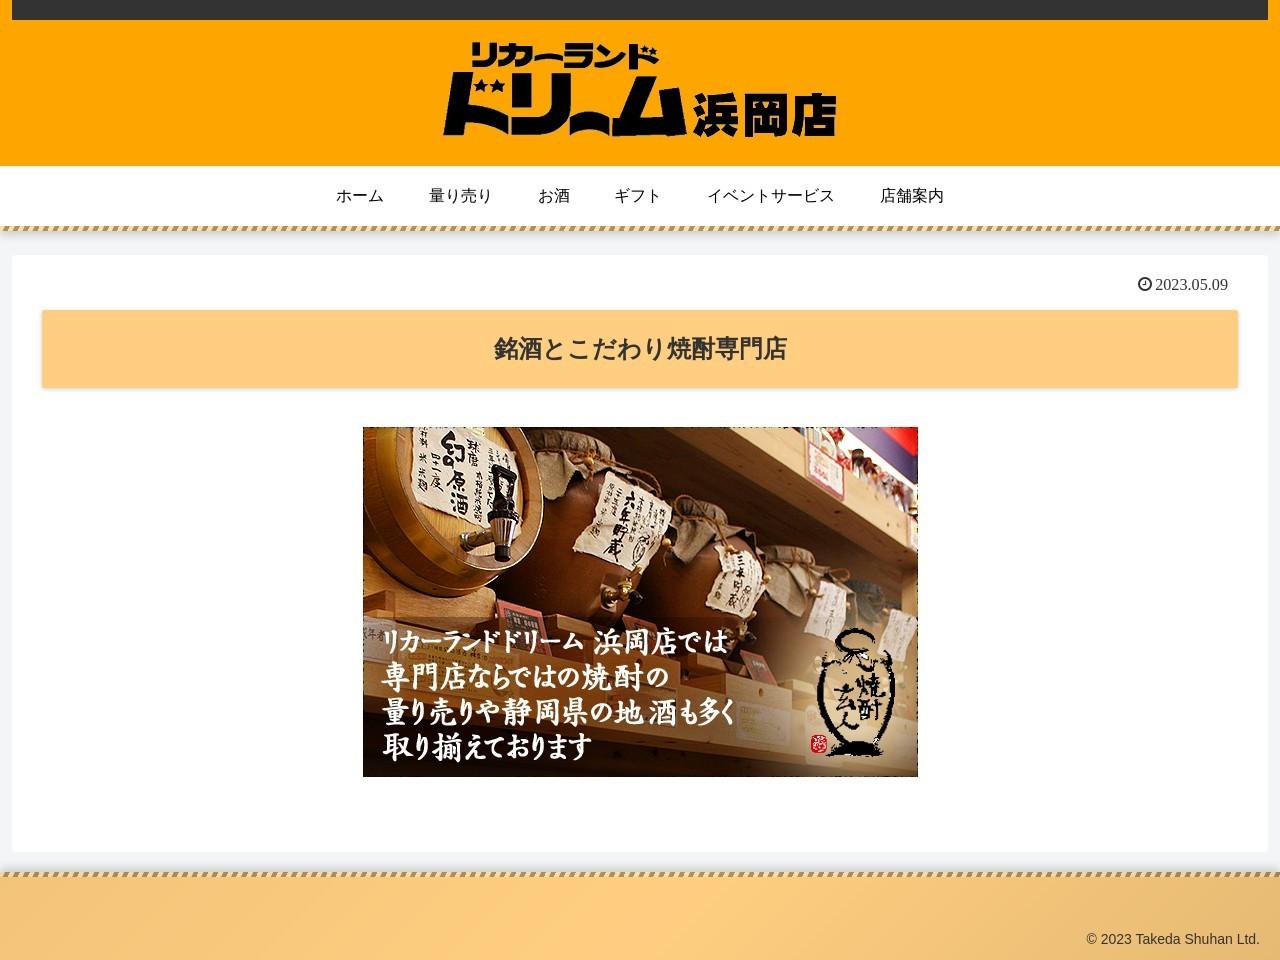 静岡県御前崎市の日本酒、焼酎の販売や焼酎の量り売りの専門店 リカーランド ドリーム 浜岡店